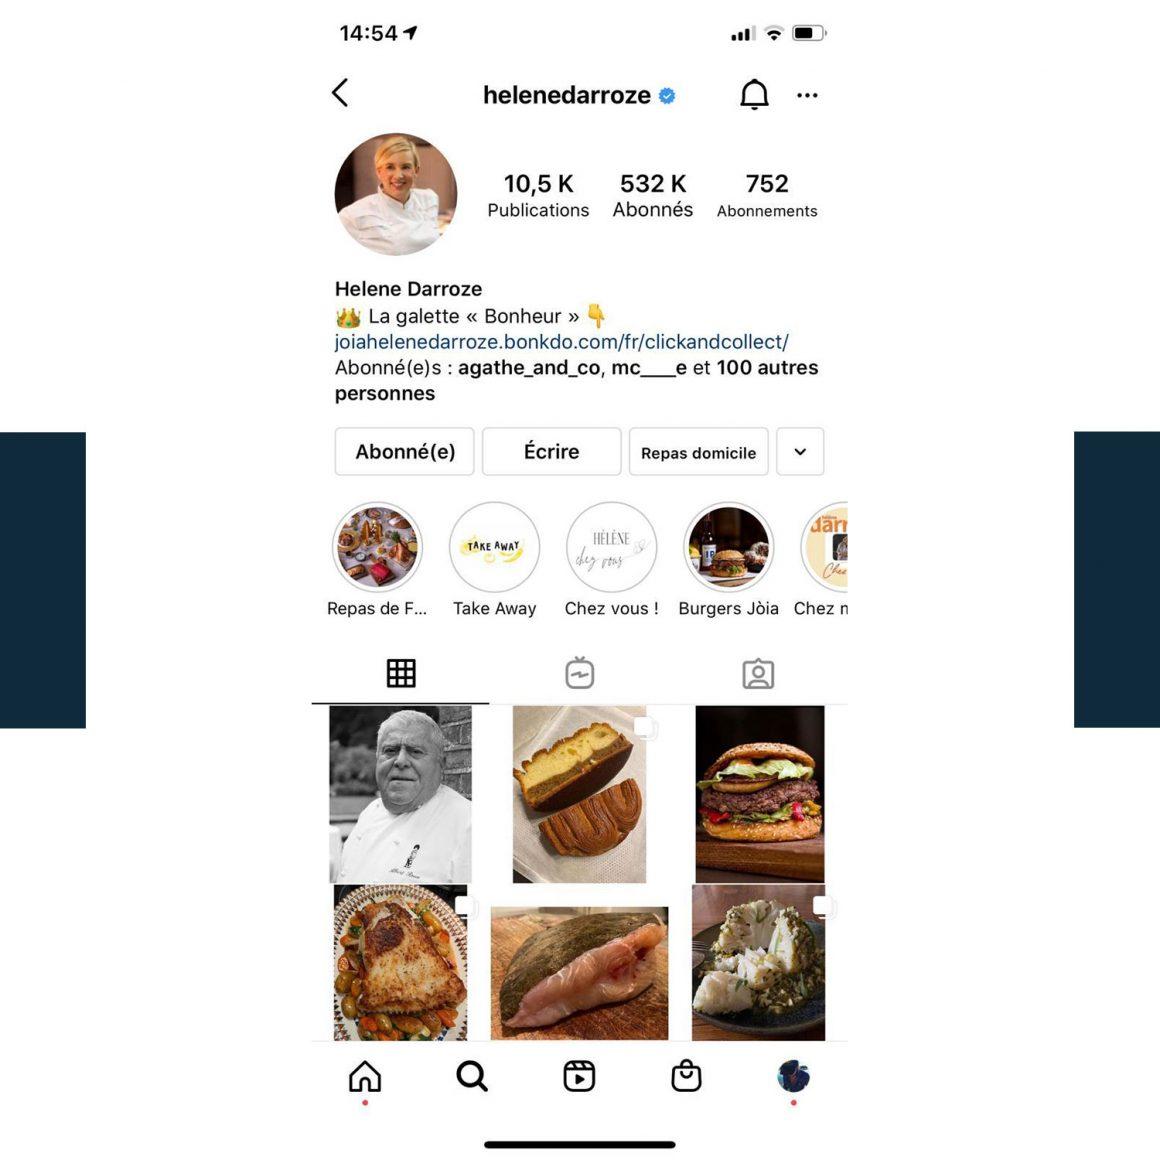 Capture d'écran du compte Instagram de la Cheffe Hélène Darroze